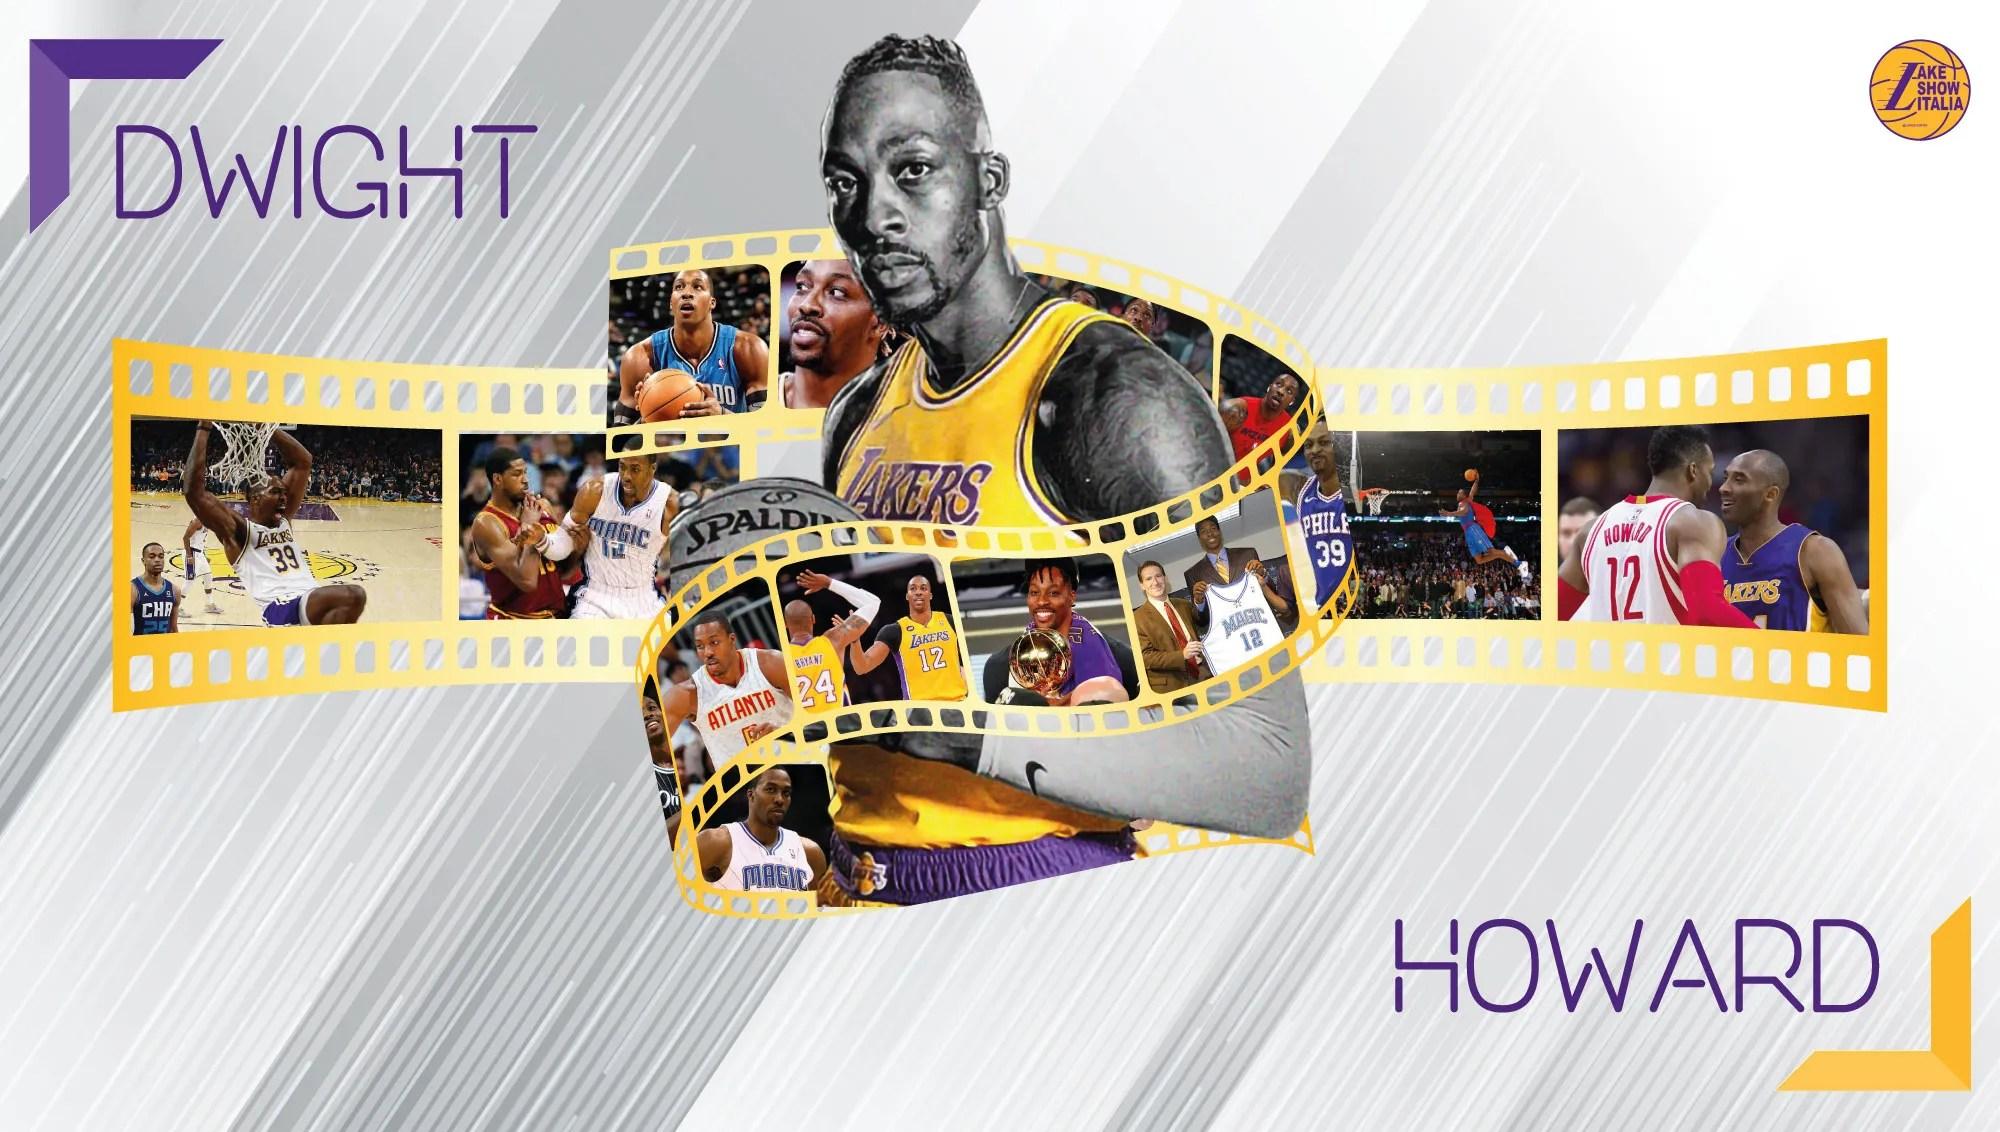 Il terzo ritorno a Los Angeles di Howard. L'obiettivo di Dwight è contribuire nei rinnovati Lakers con rimbalzi, stoppate e tanta energia.